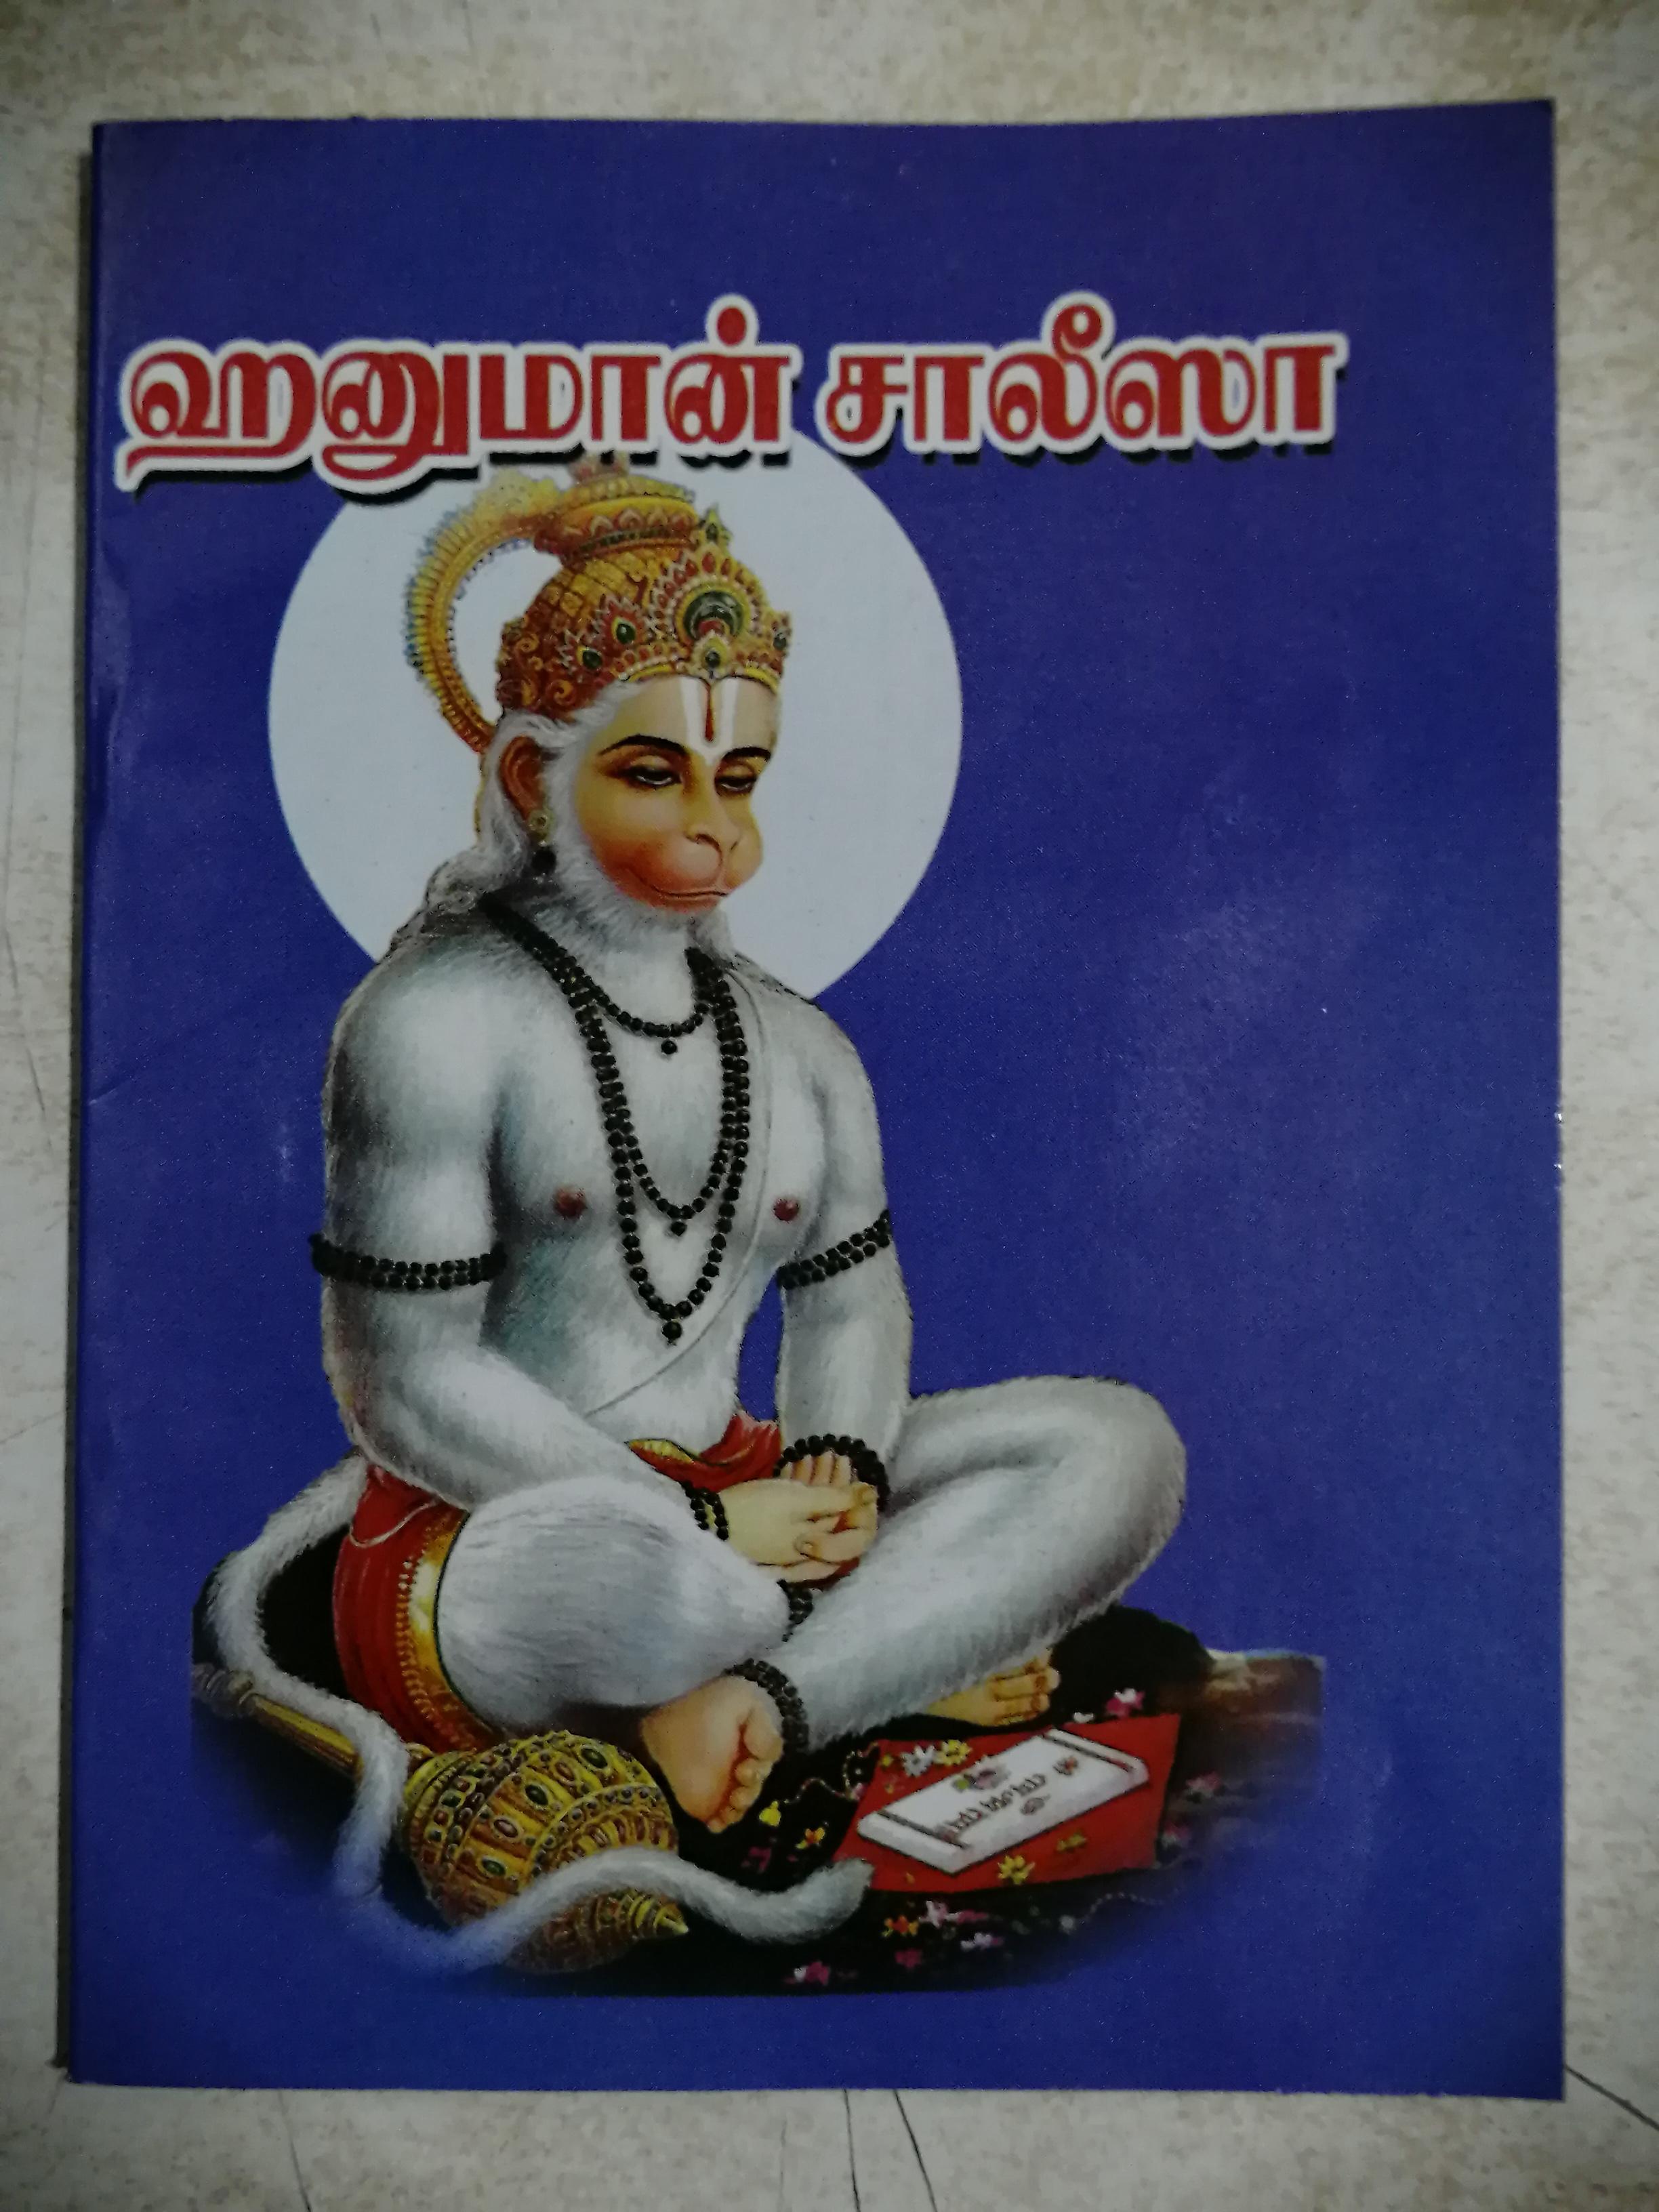 ஹனுமான் சாலீசா - Hanuman Chalisa  -Tamil